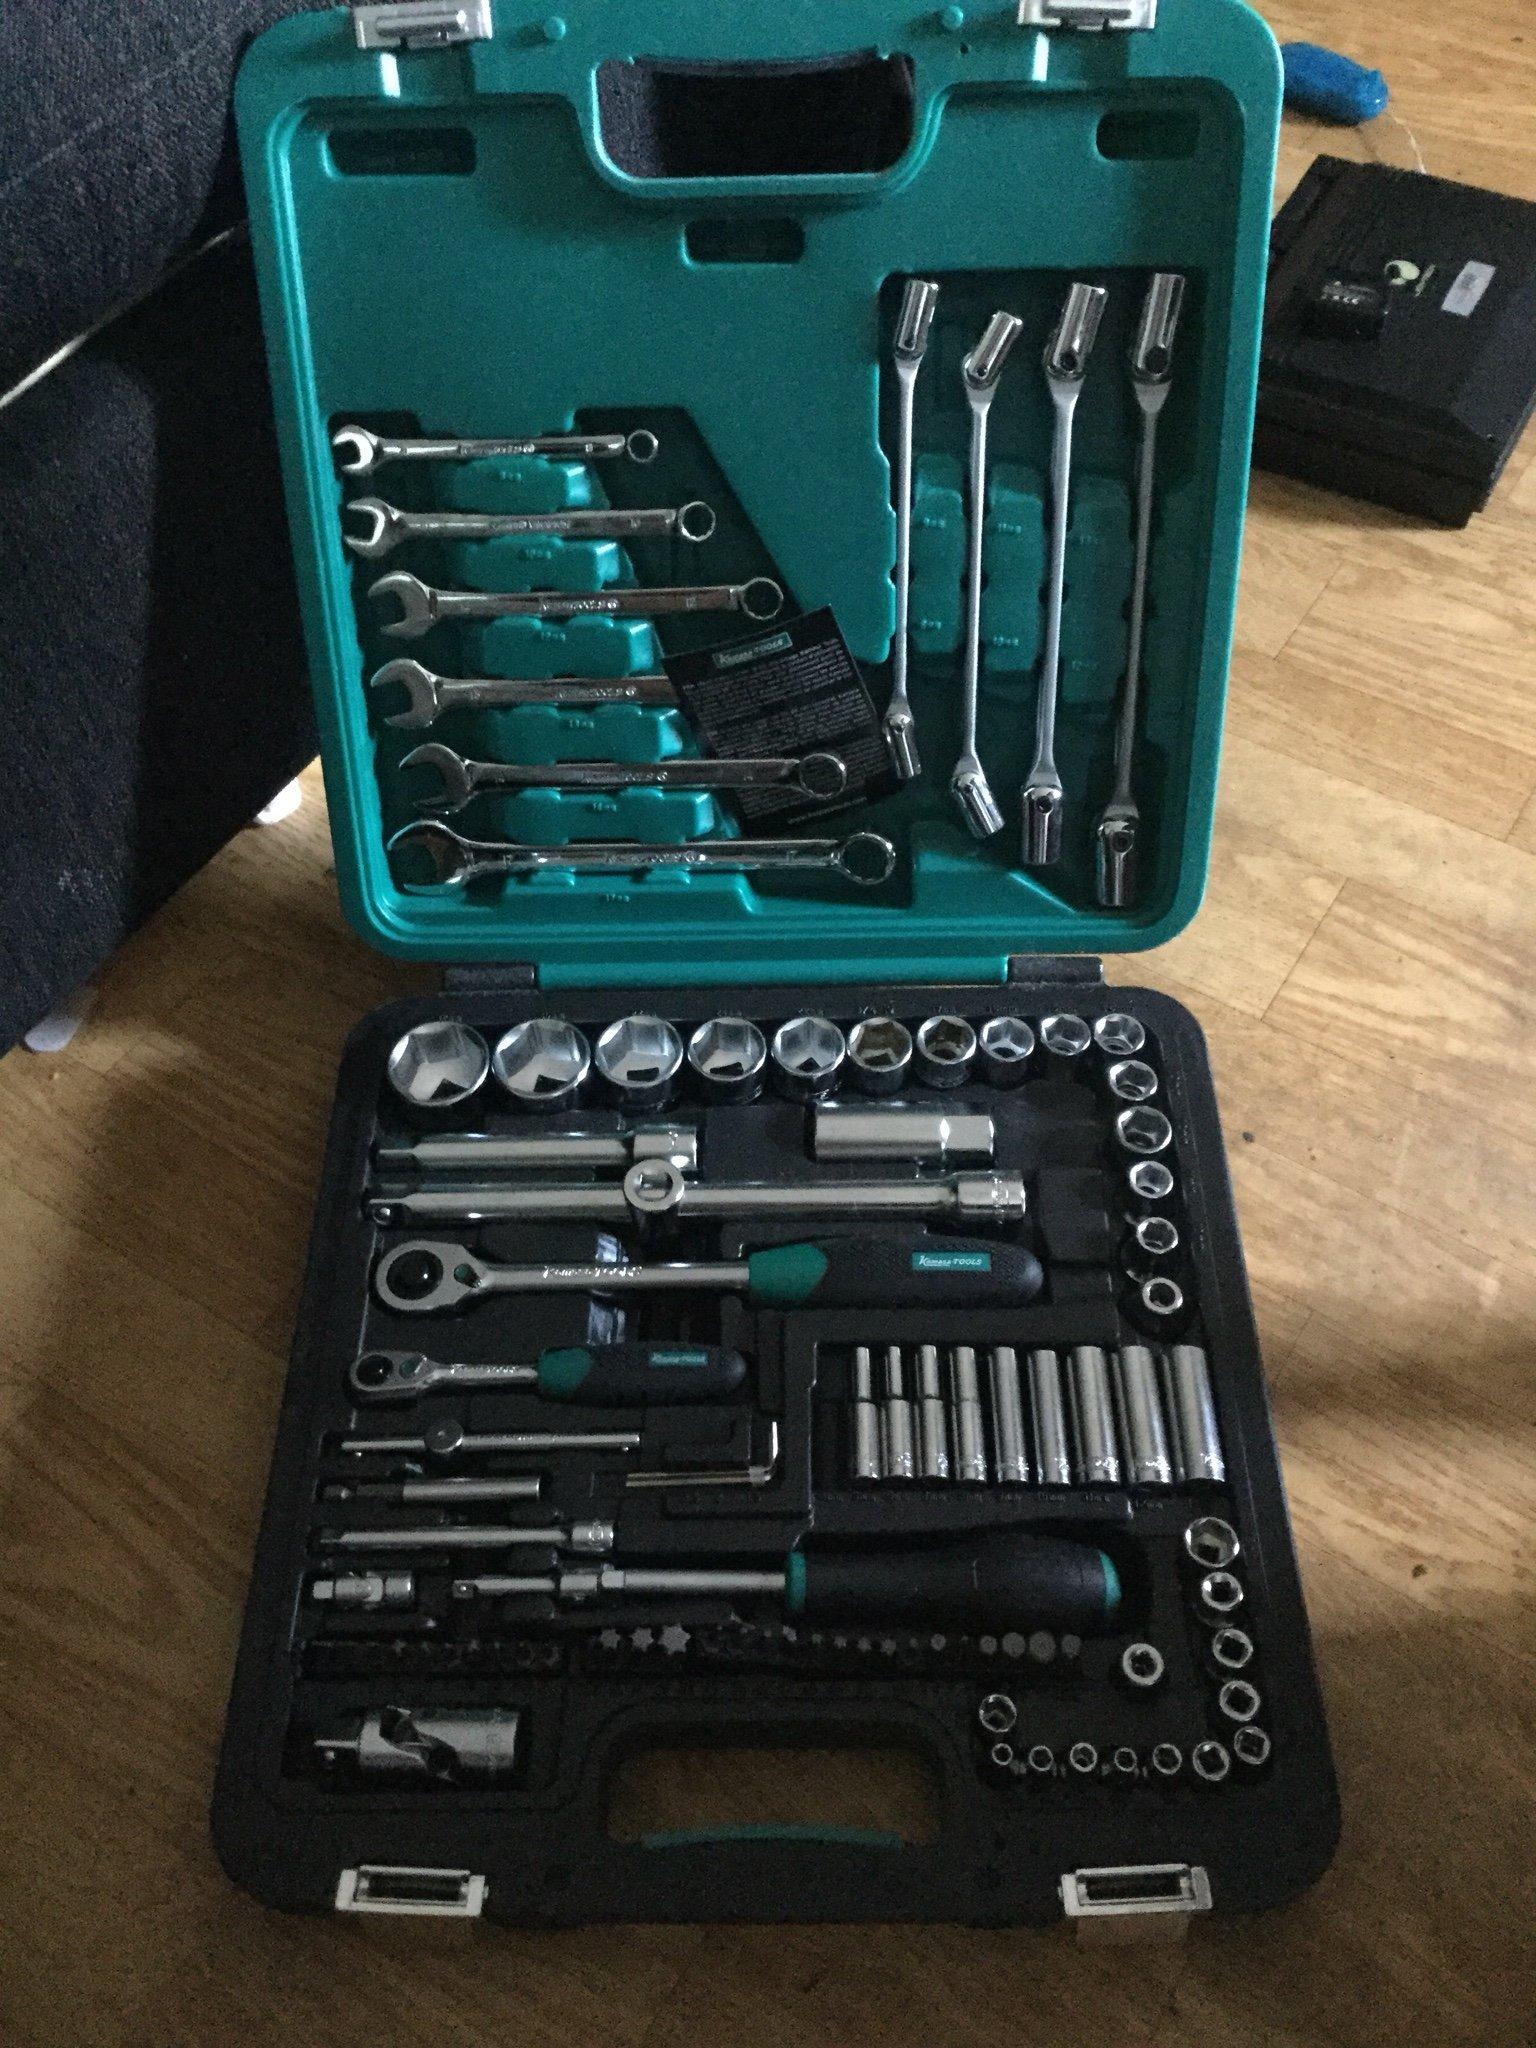 Bra Kamasa verktygssats 92 delar som nytt! (357893056) ᐈ Köp på Tradera TN-97